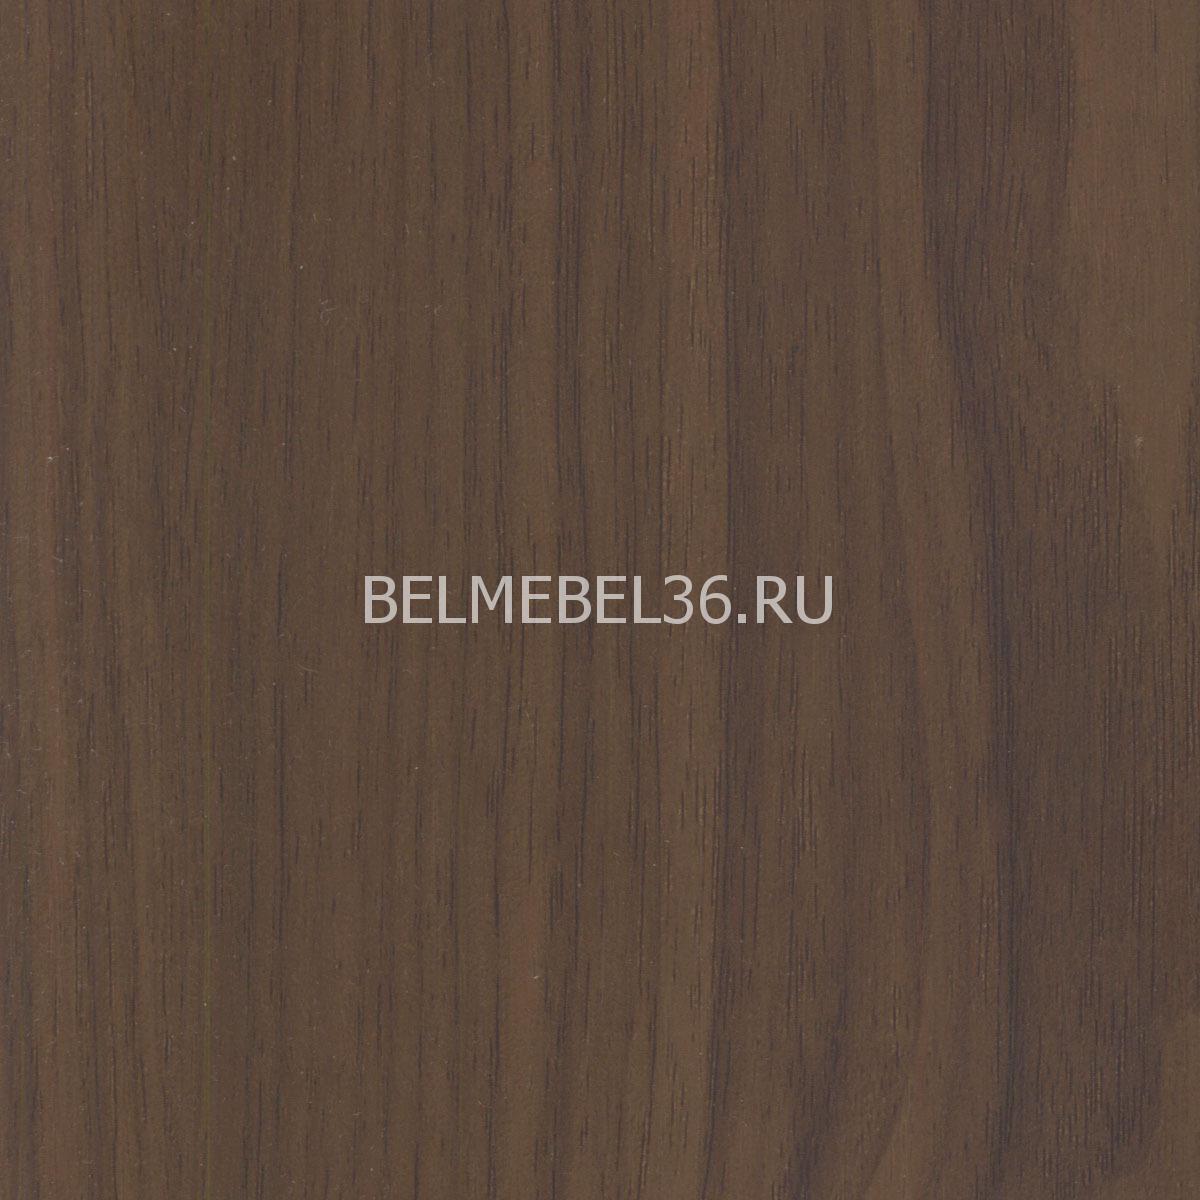 Диван Линда (2М) П-Д138   Белорусская мебель в Воронеже